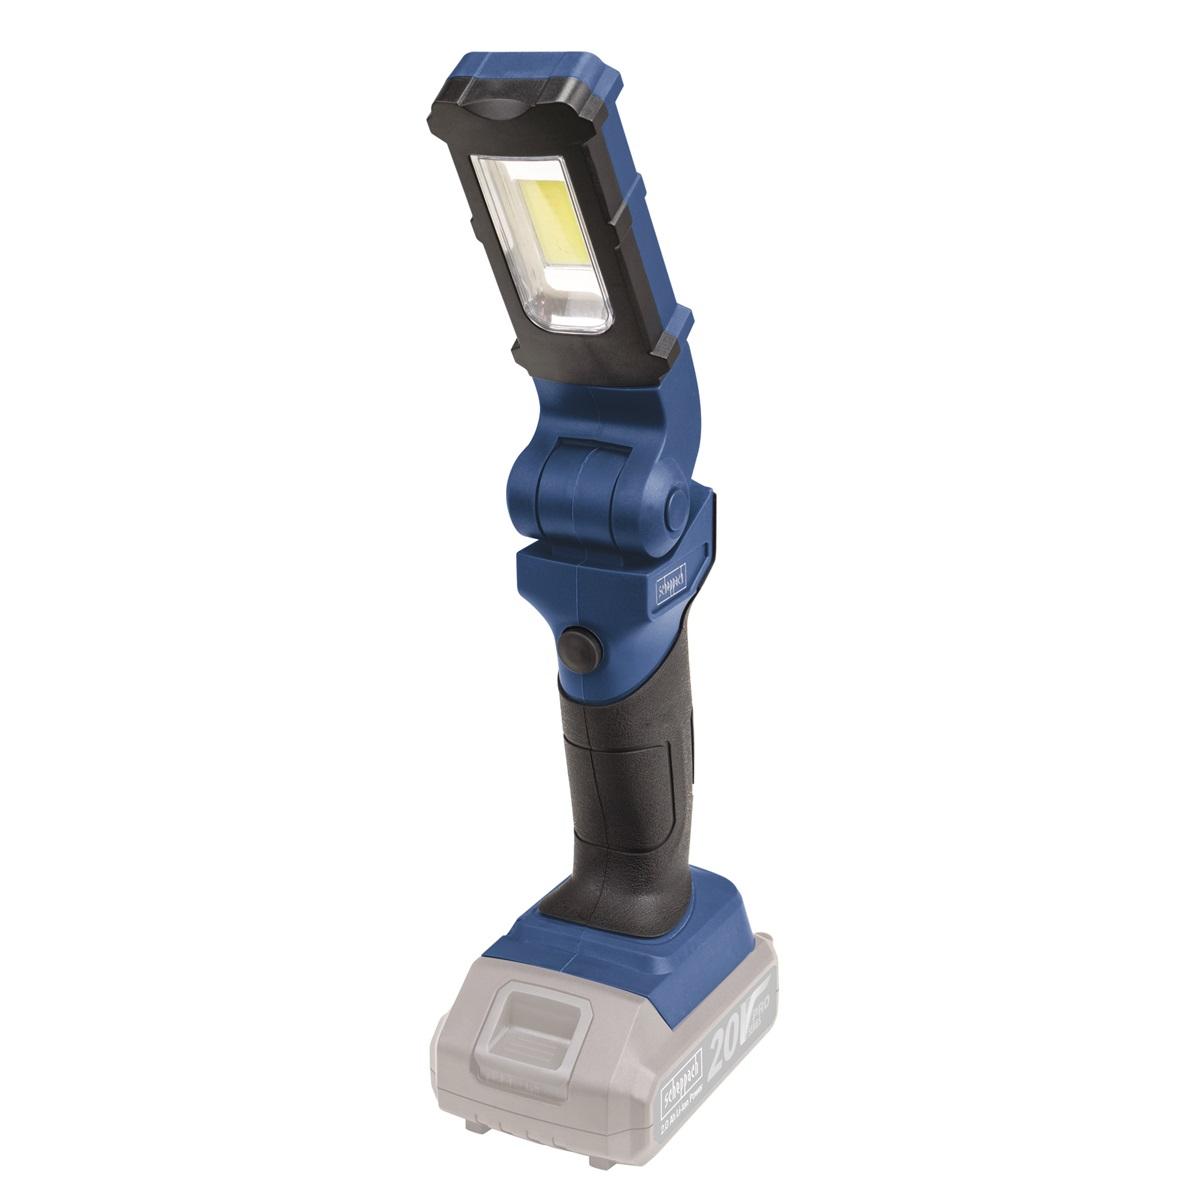 Scheppach CIL270 20 ProS aku svítilna 20 V